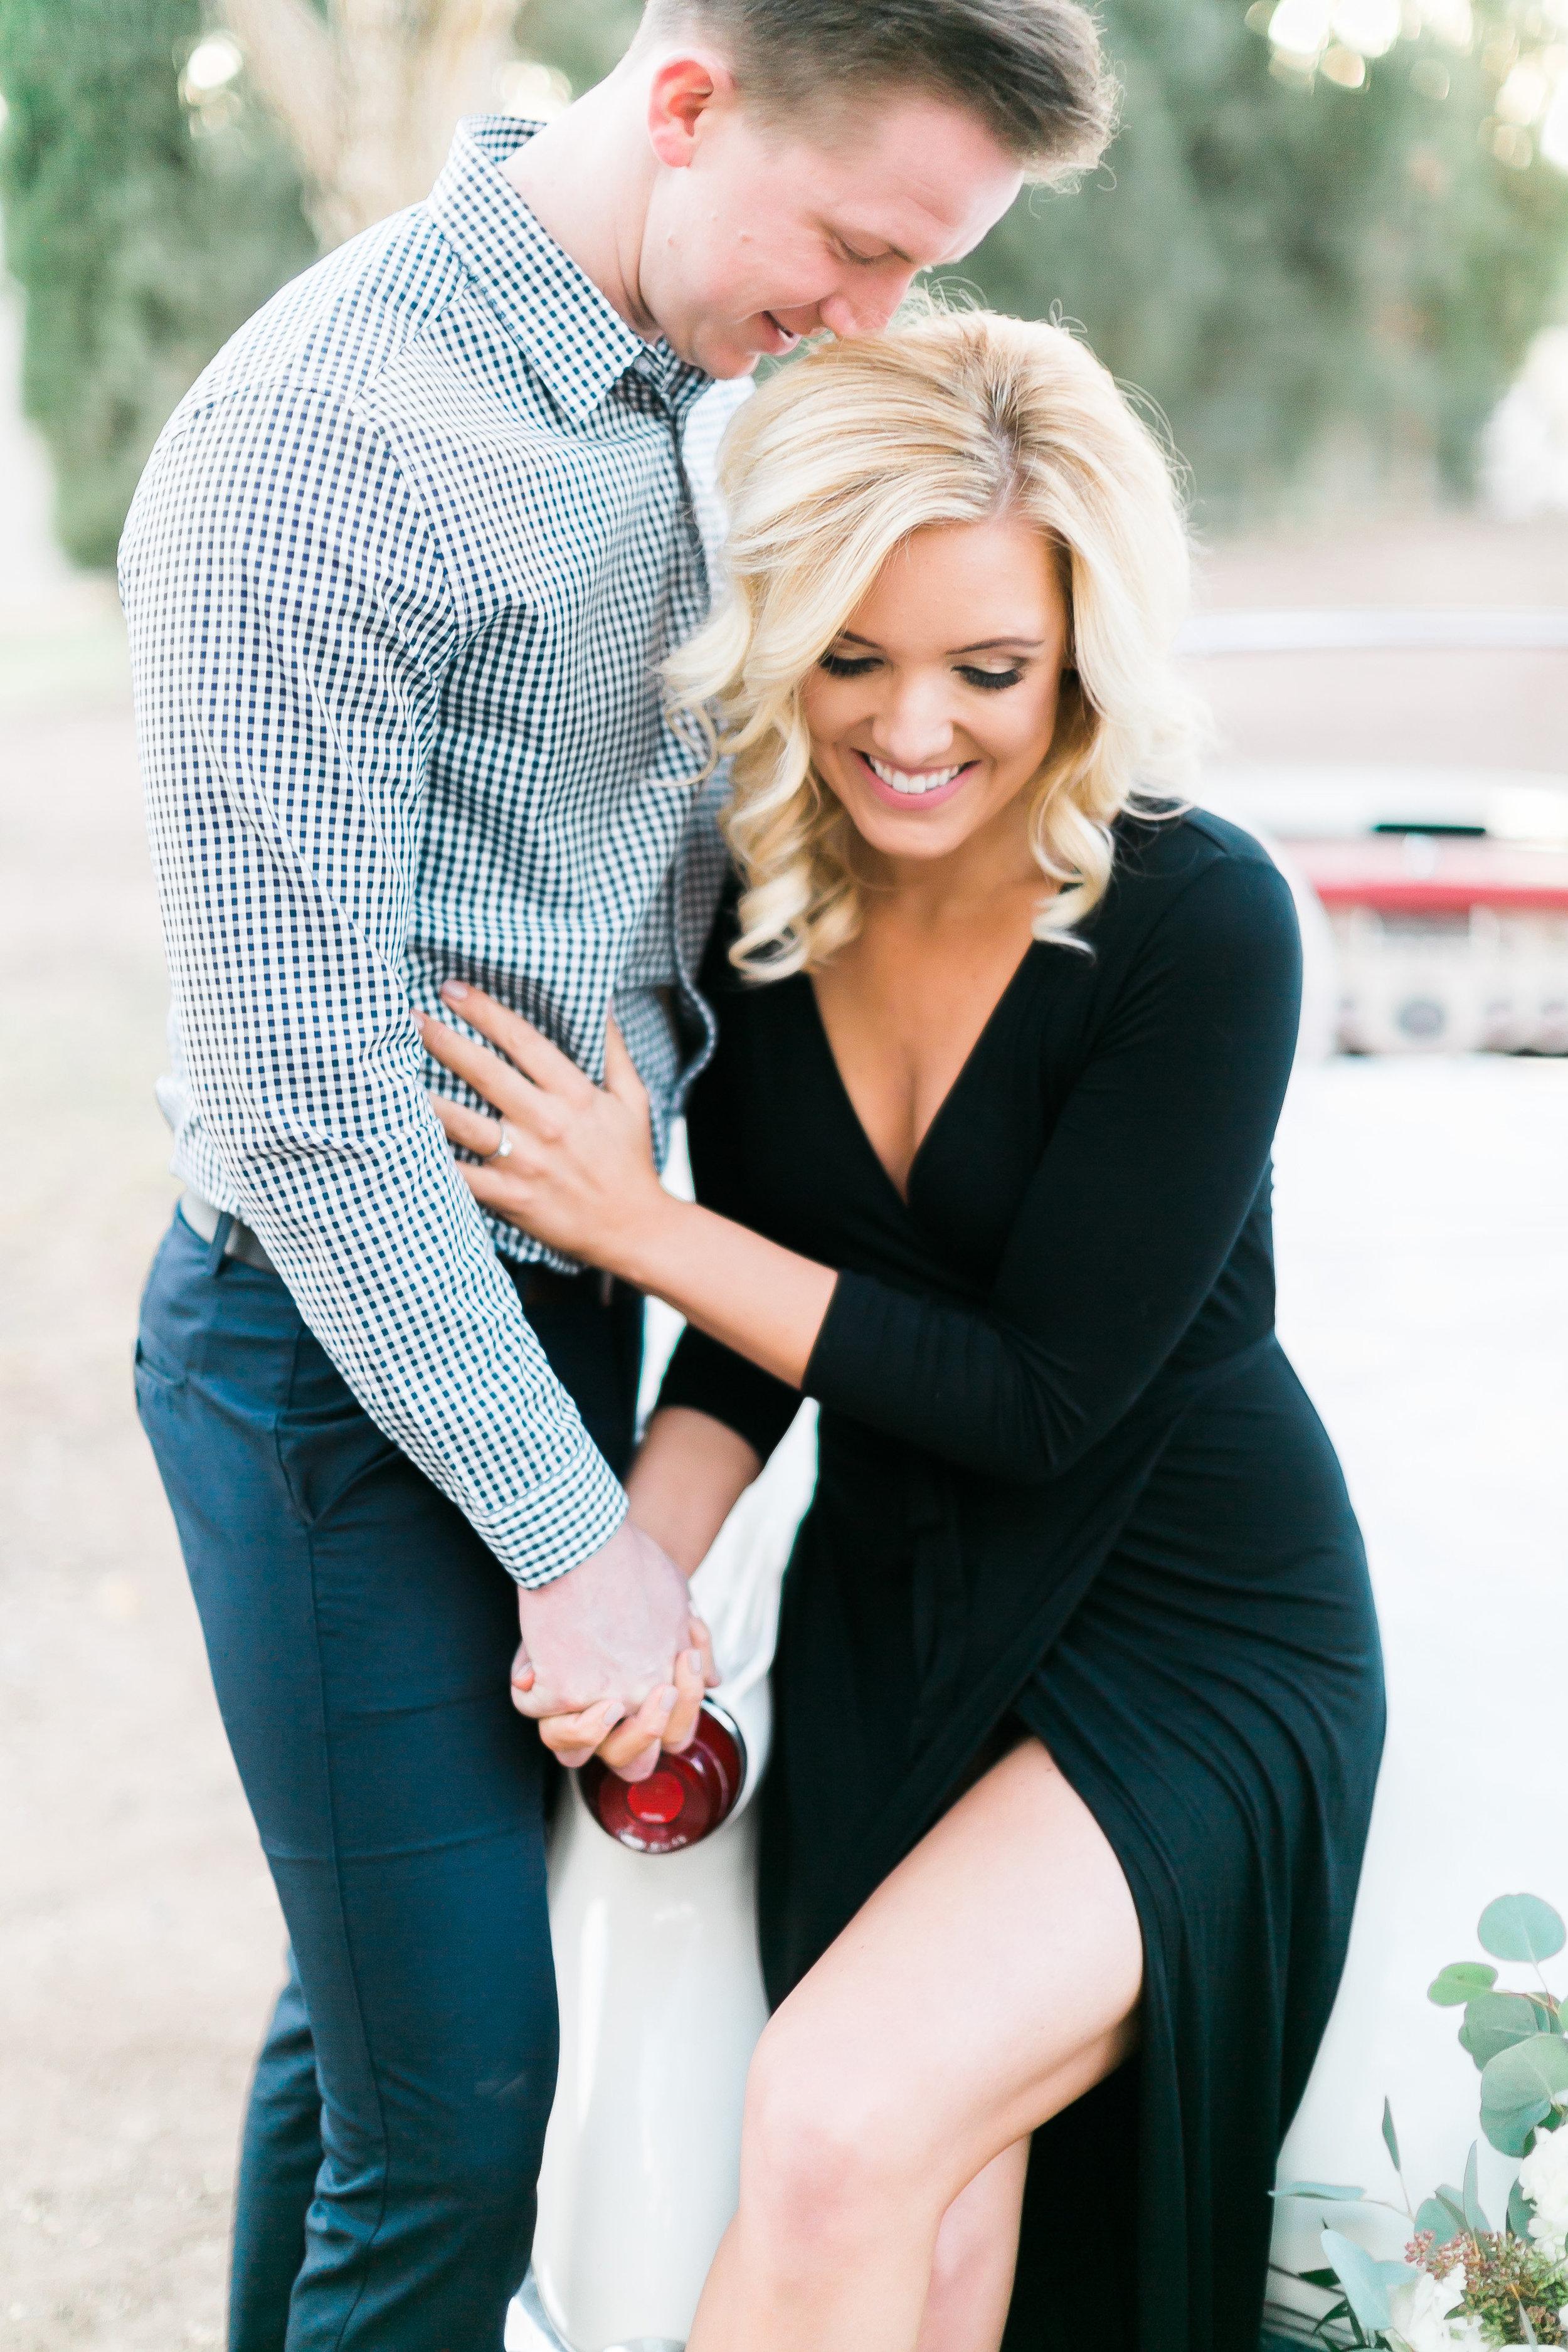 Engagement Wedding Makeup for Photos